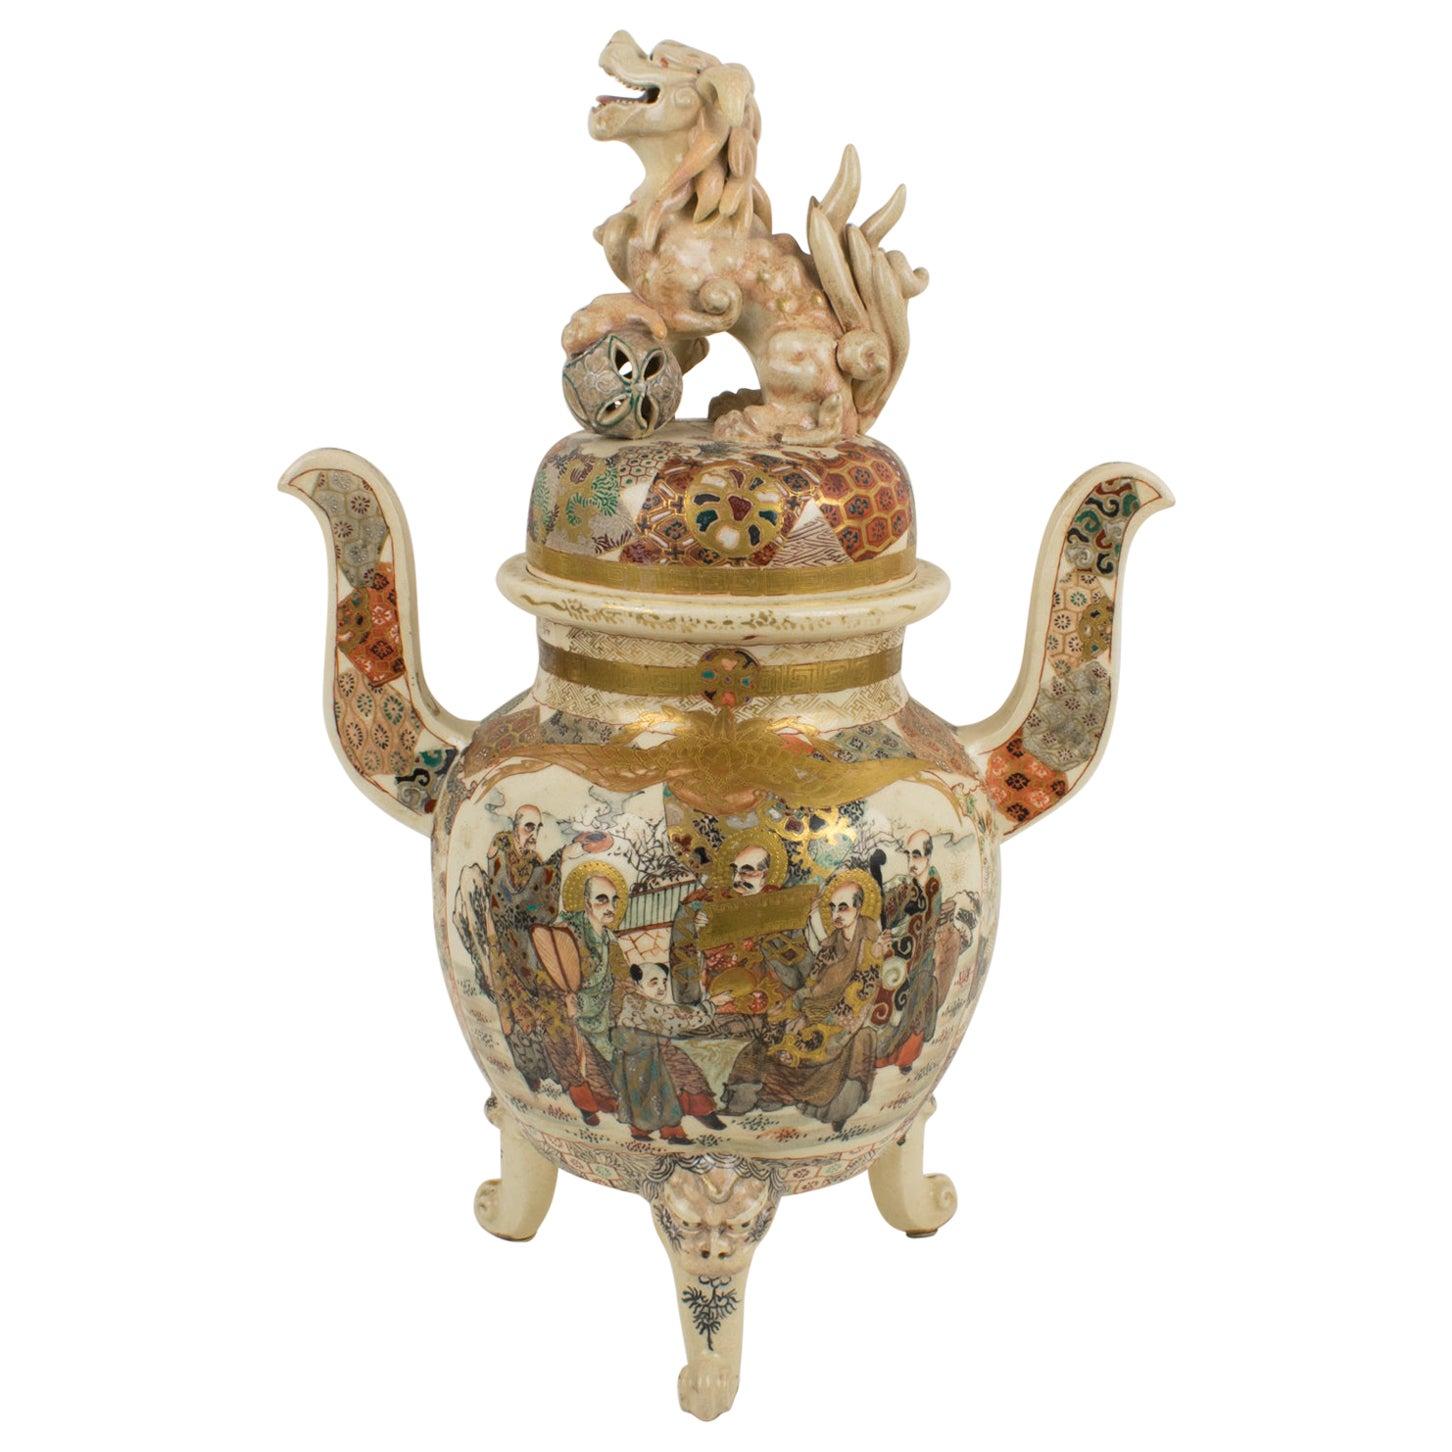 Large Antique Japanese Meiji Satsuma Covered Urn Vase with Foo Dog